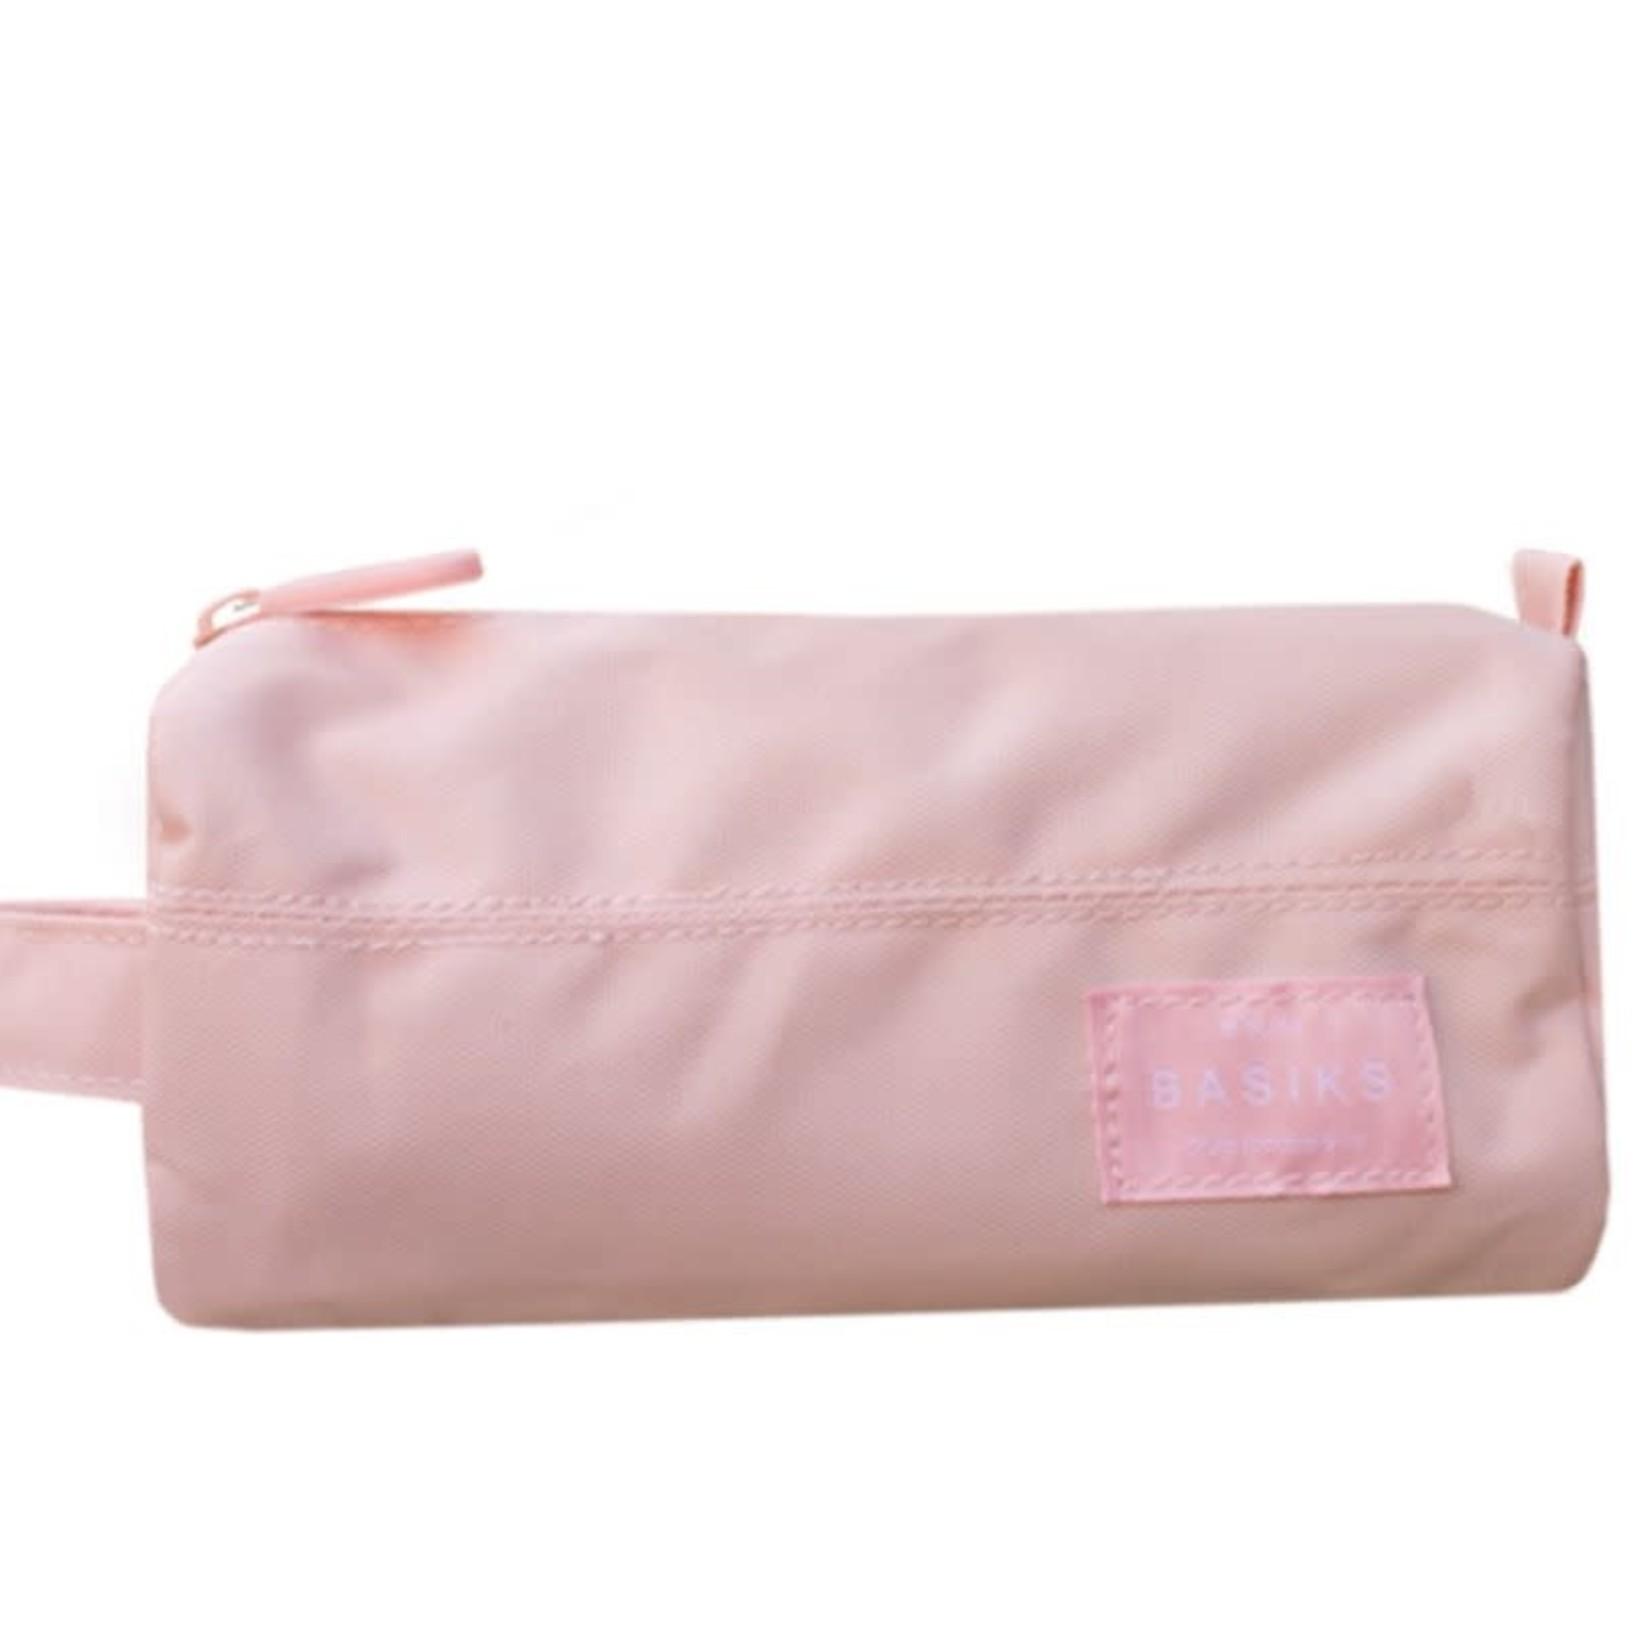 Basiks.Co Basiks.Co : Eternal Case,Light Pink,O/S